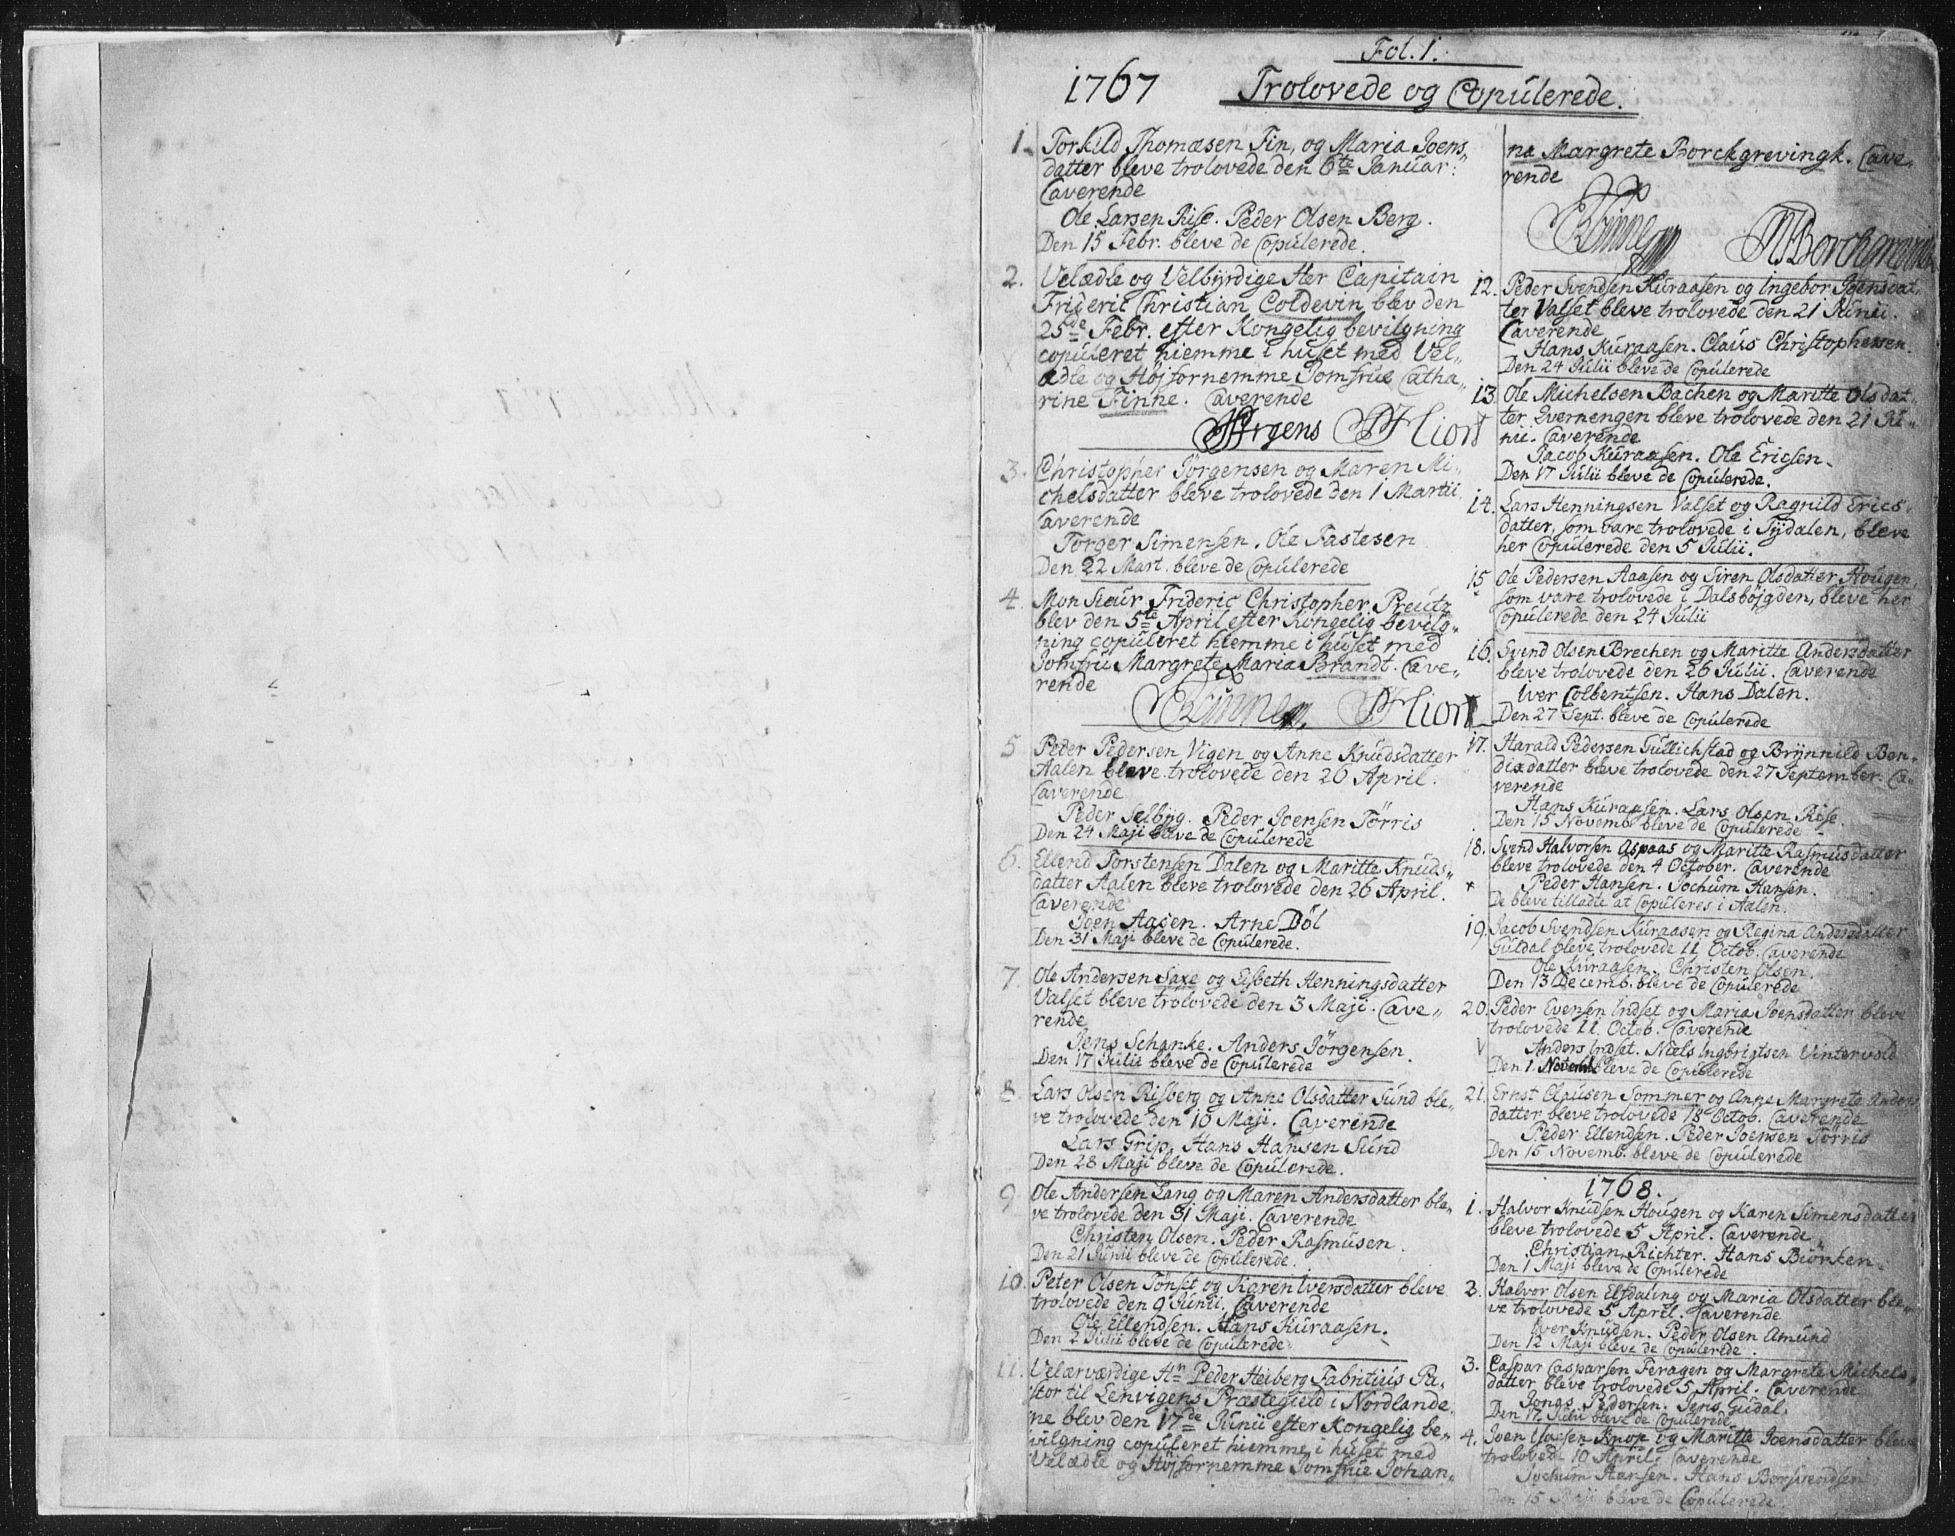 SAT, Ministerialprotokoller, klokkerbøker og fødselsregistre - Sør-Trøndelag, 681/L0926: Ministerialbok nr. 681A04, 1767-1797, s. 1